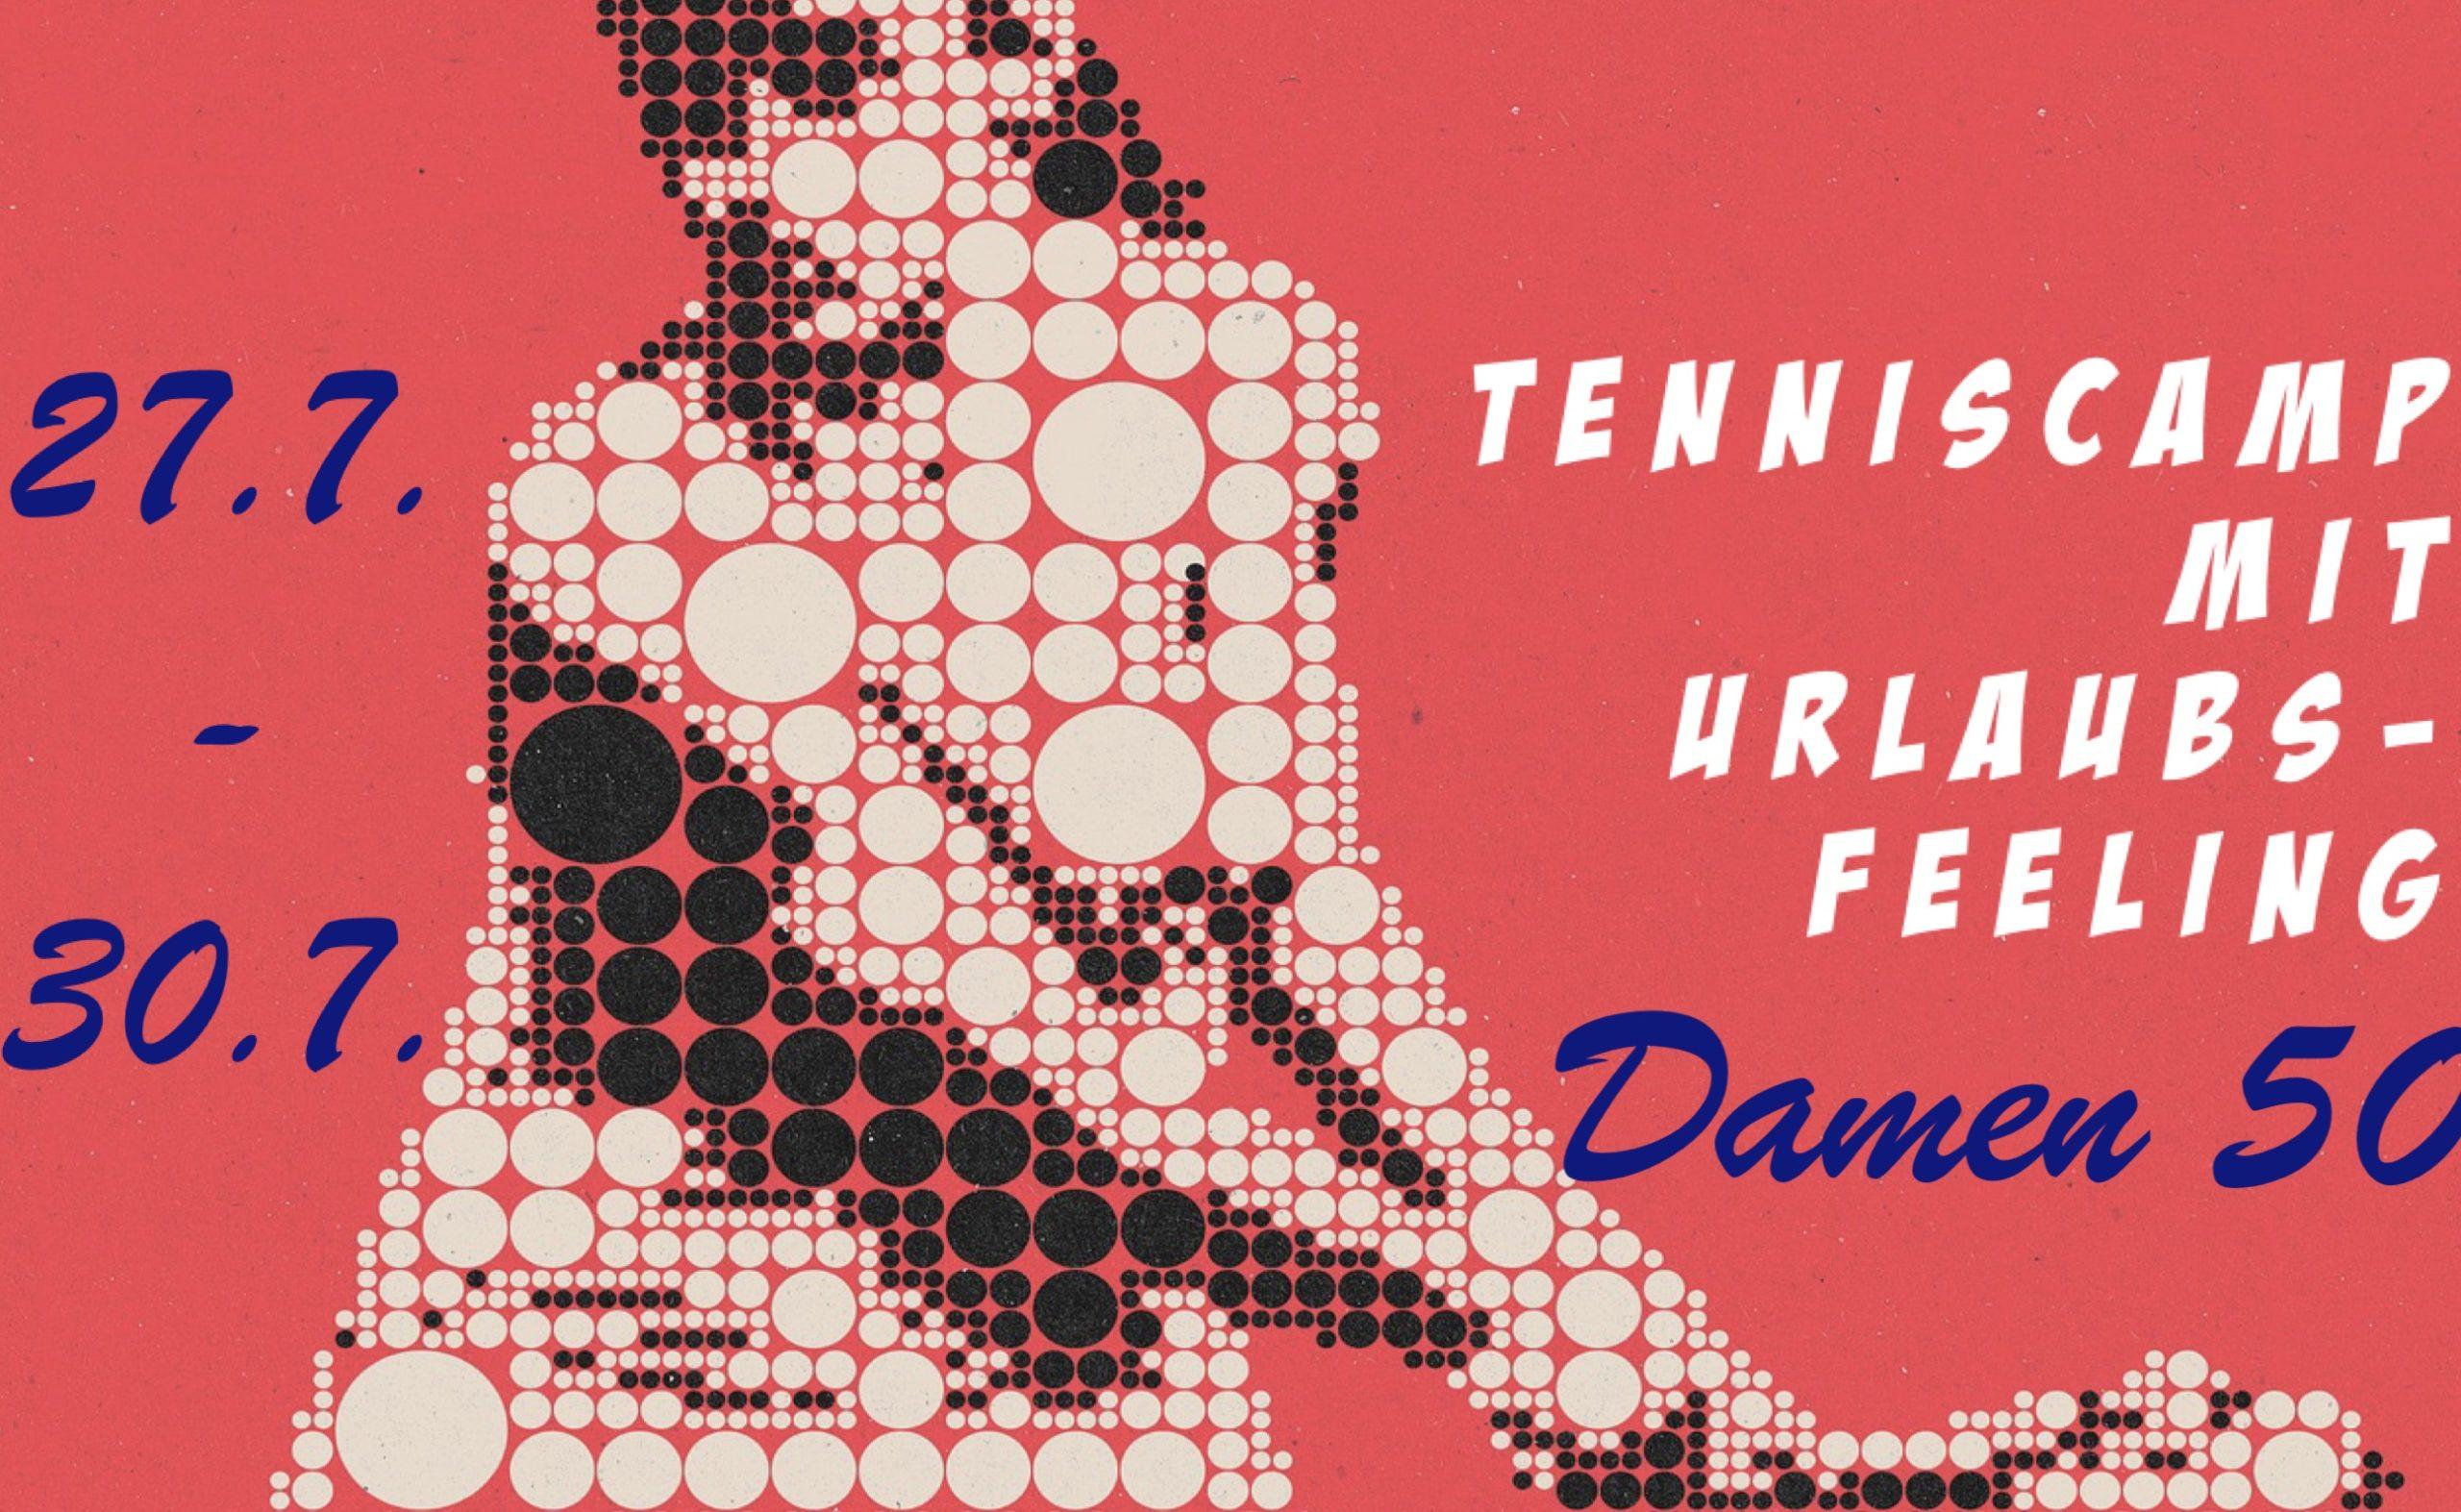 Damen 50 Tenniscamp vom 27.-30.7.20